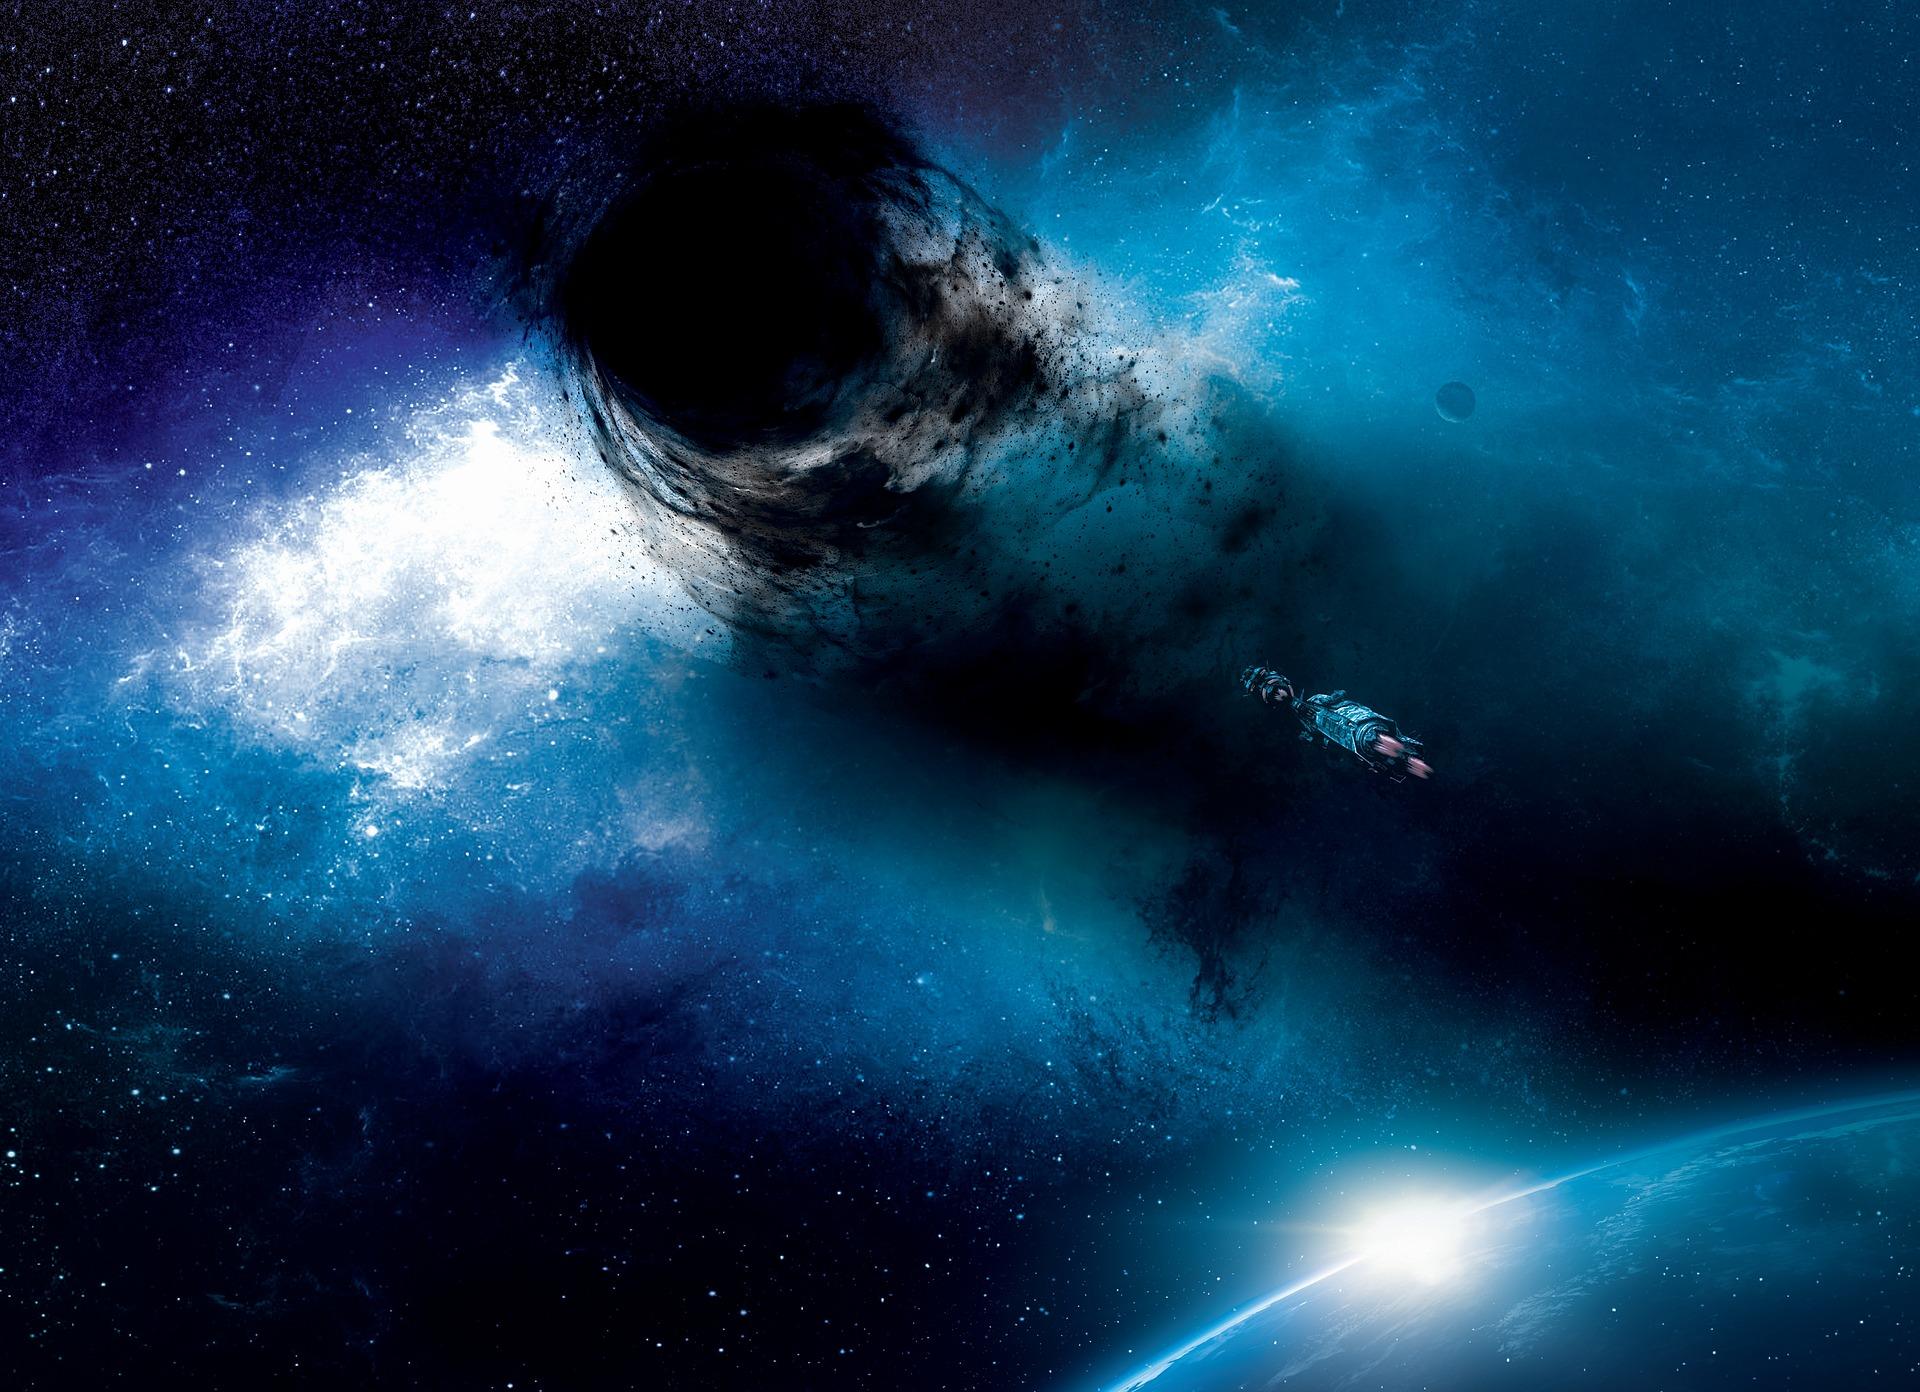 Buracos de minhoca permitiriam viagens no tempo e no espaço.